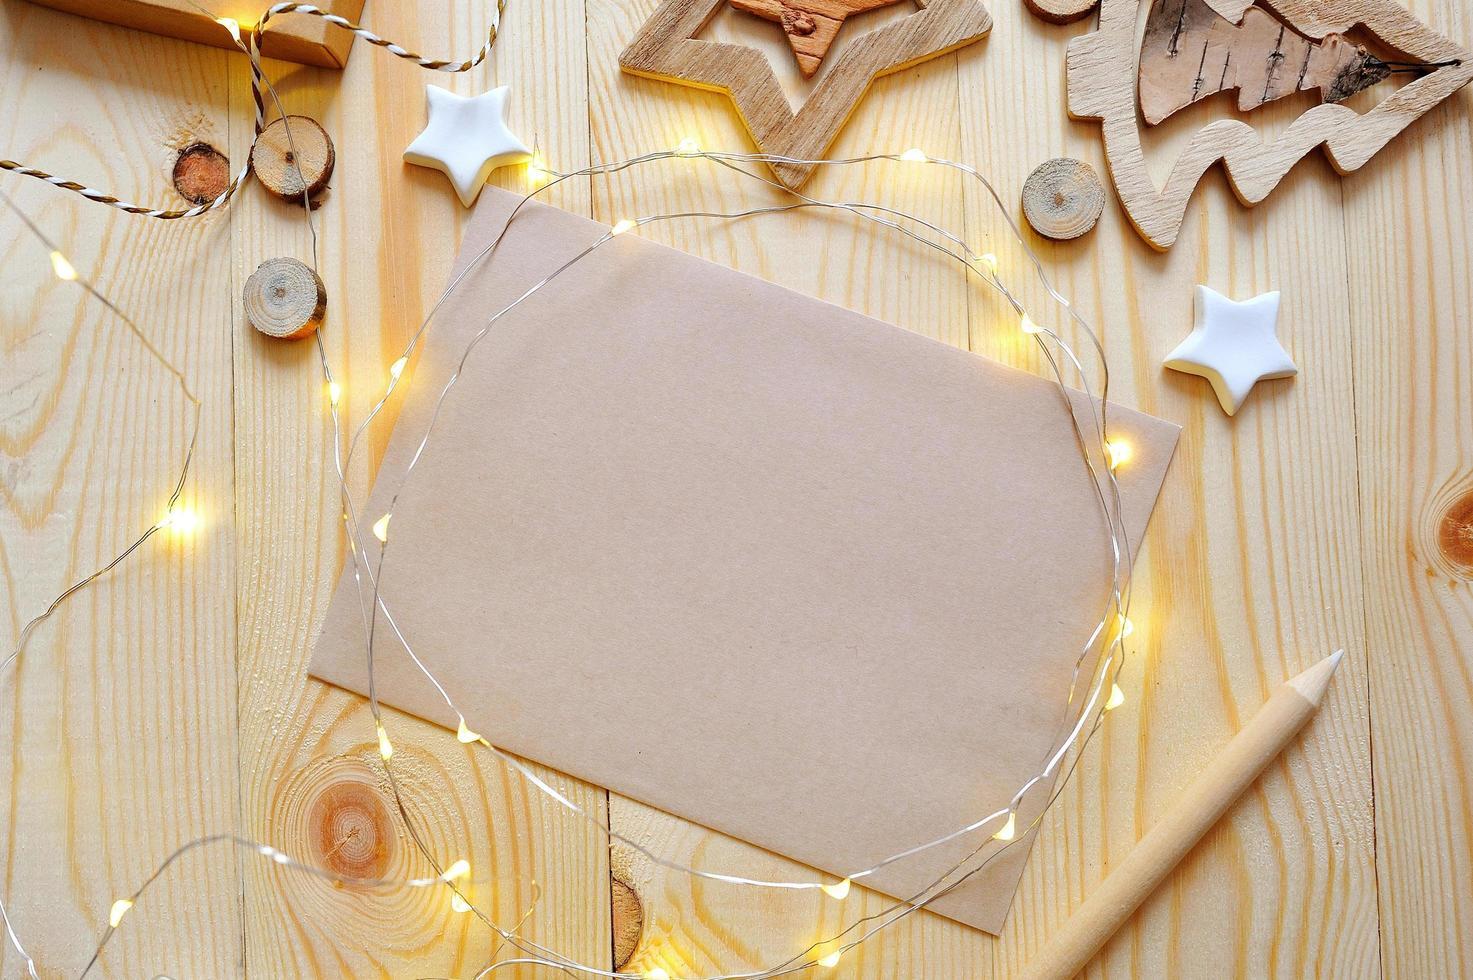 tomt papper bland julbelysning och dekorationer foto